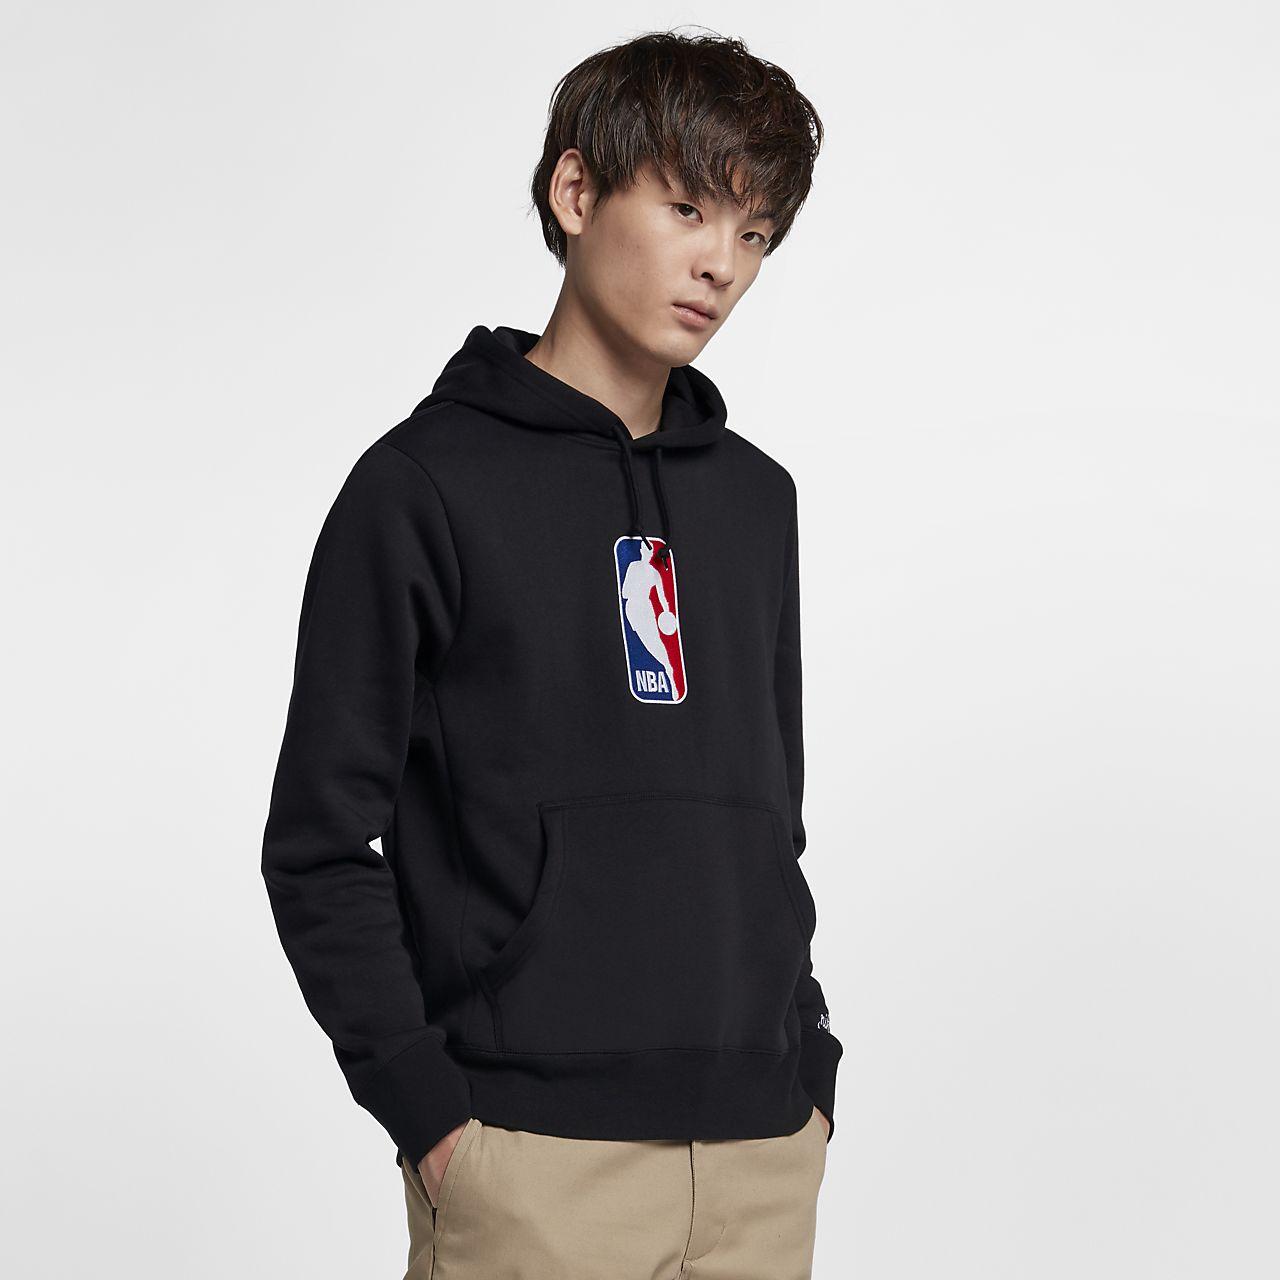 Nike SB x NBA Icon Erkek Kapüşonlu Kaykay Üstü